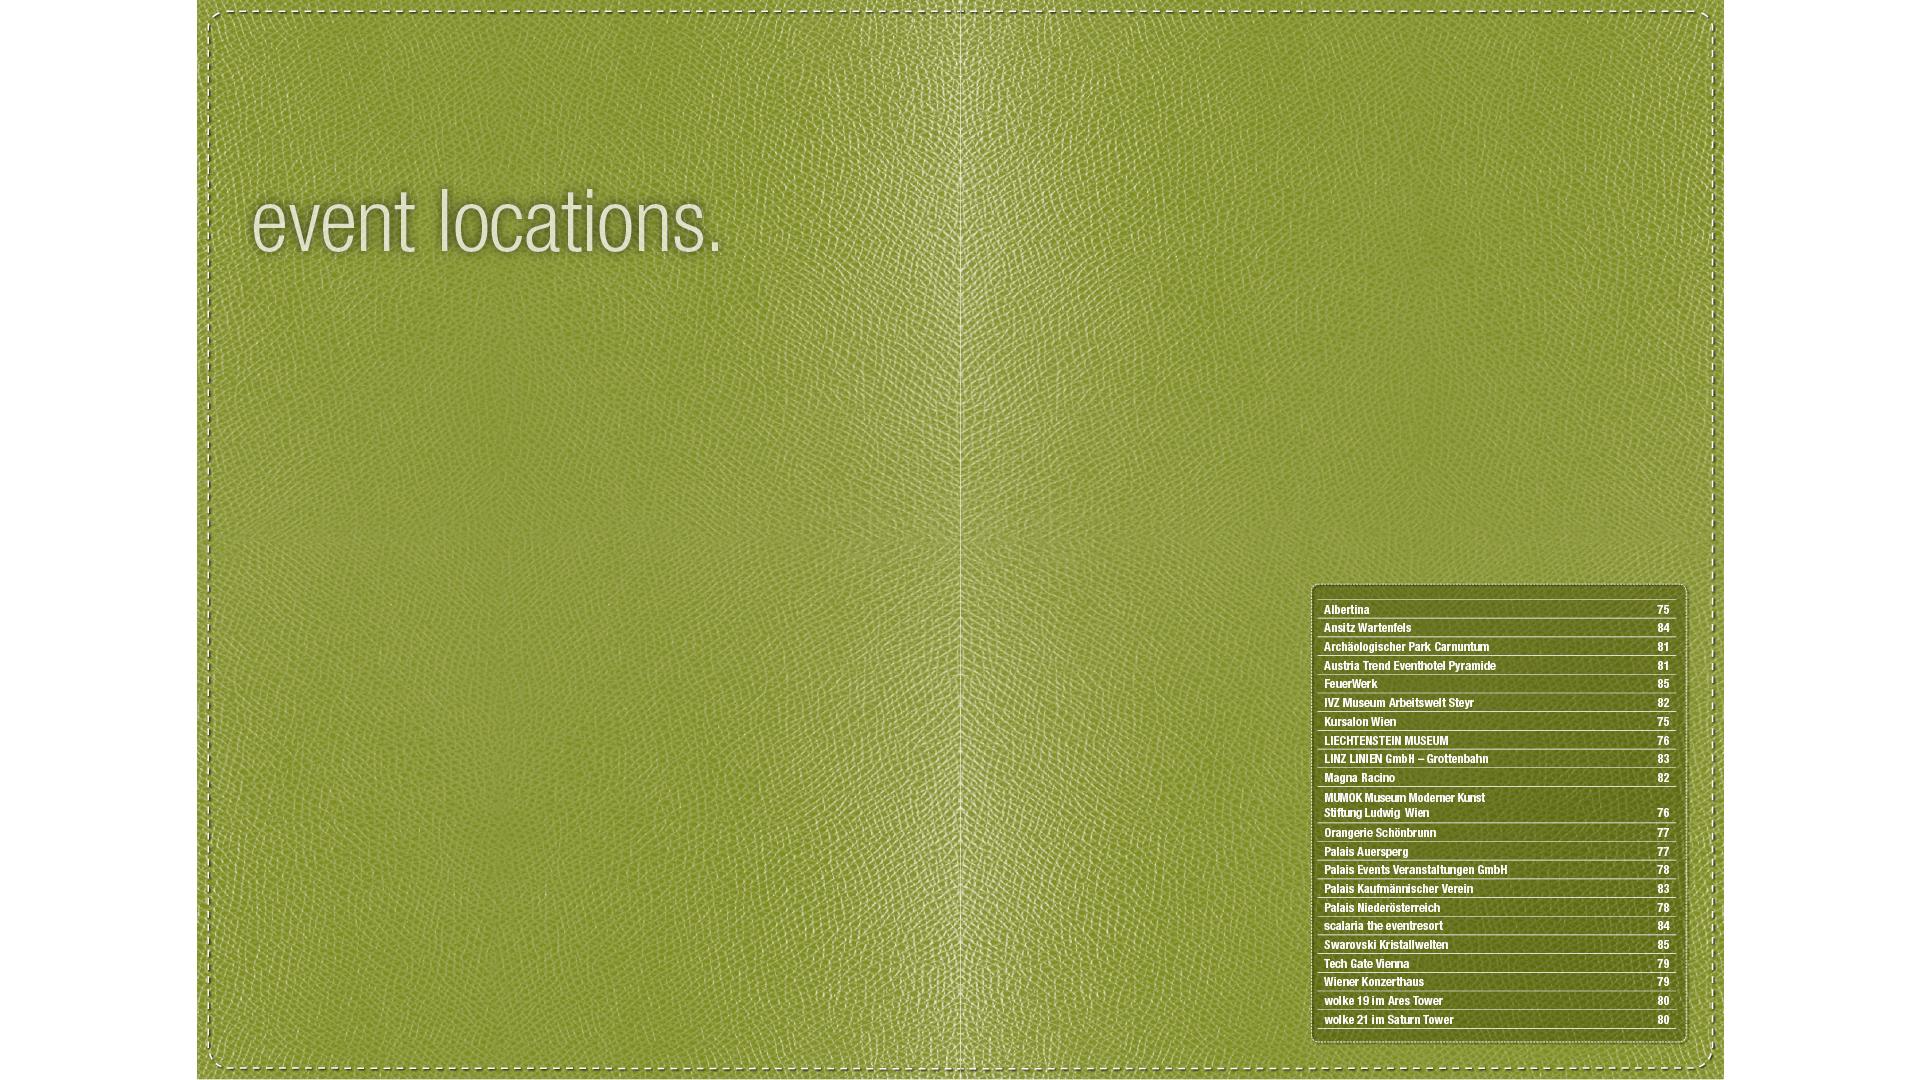 Designentwicklung für den ABCN Planners Guide